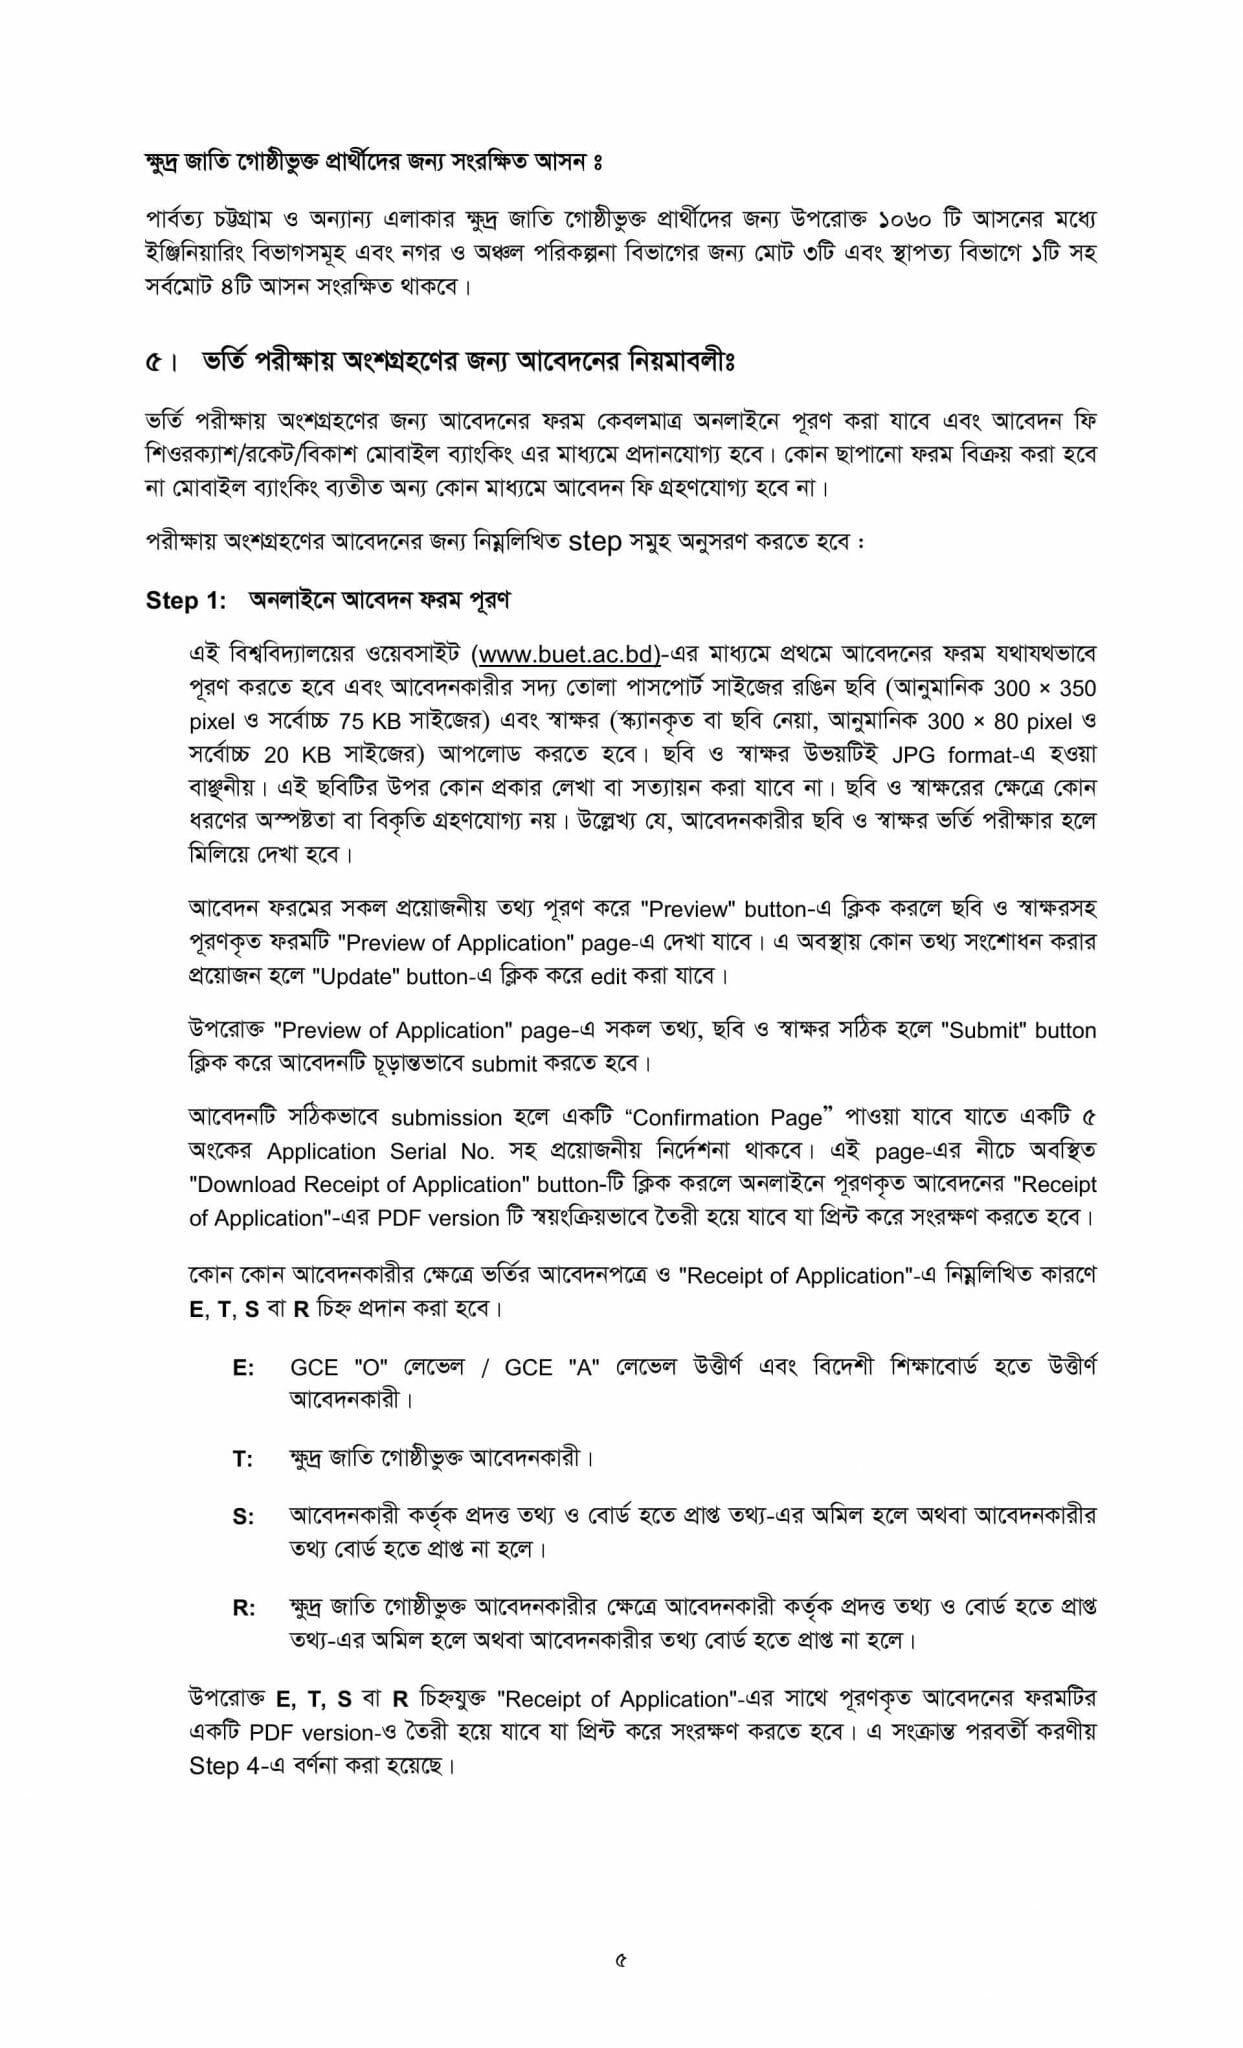 Bangladesh University of Engineering & Technology Admission Guideline-4